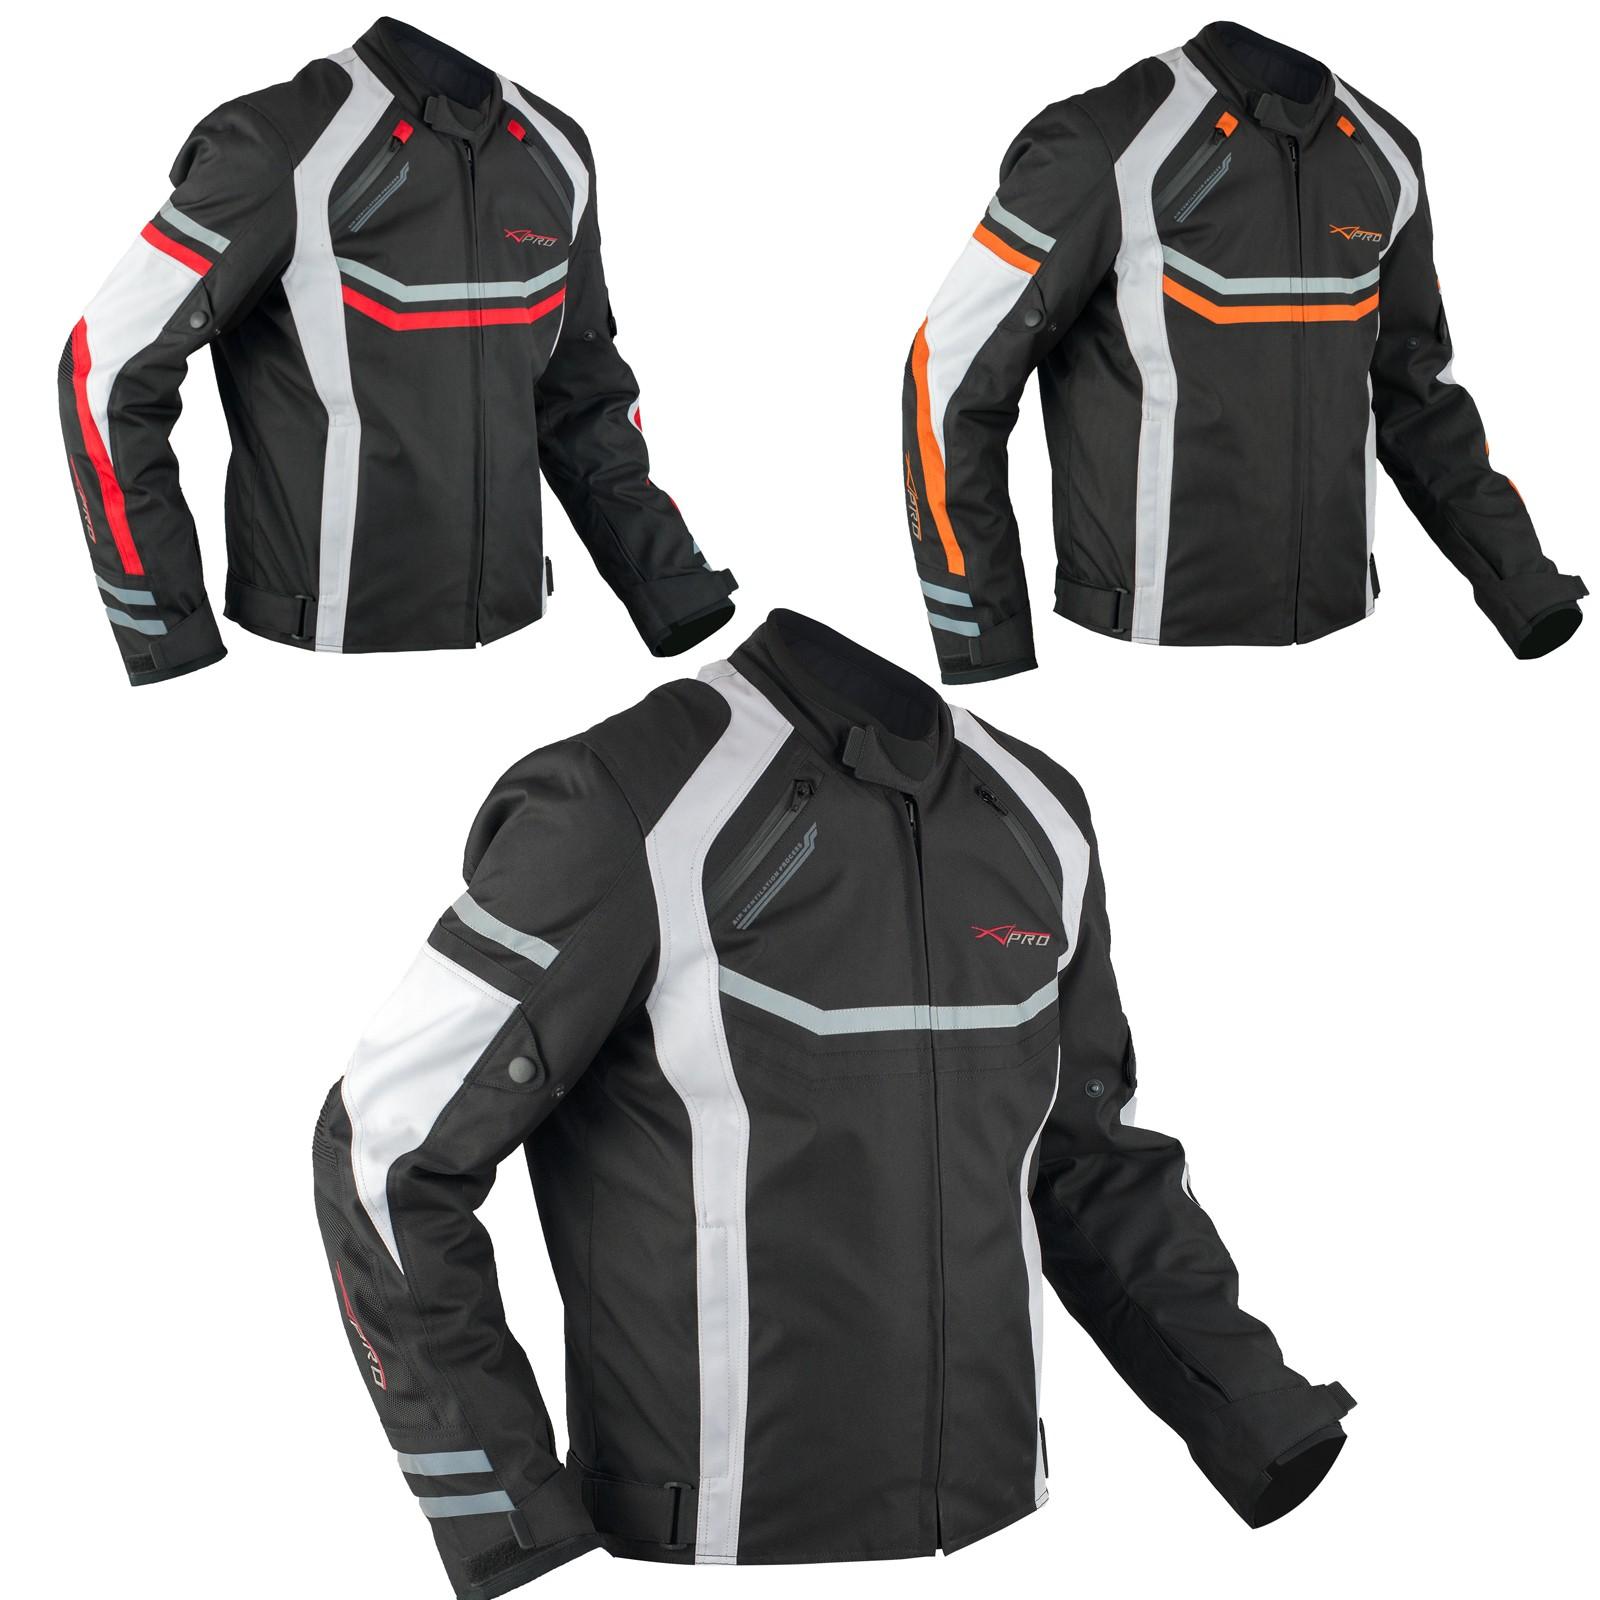 Giacca Moto Sportiva Tessuto Ventilata Riflettente Protezioni CE Traspirante